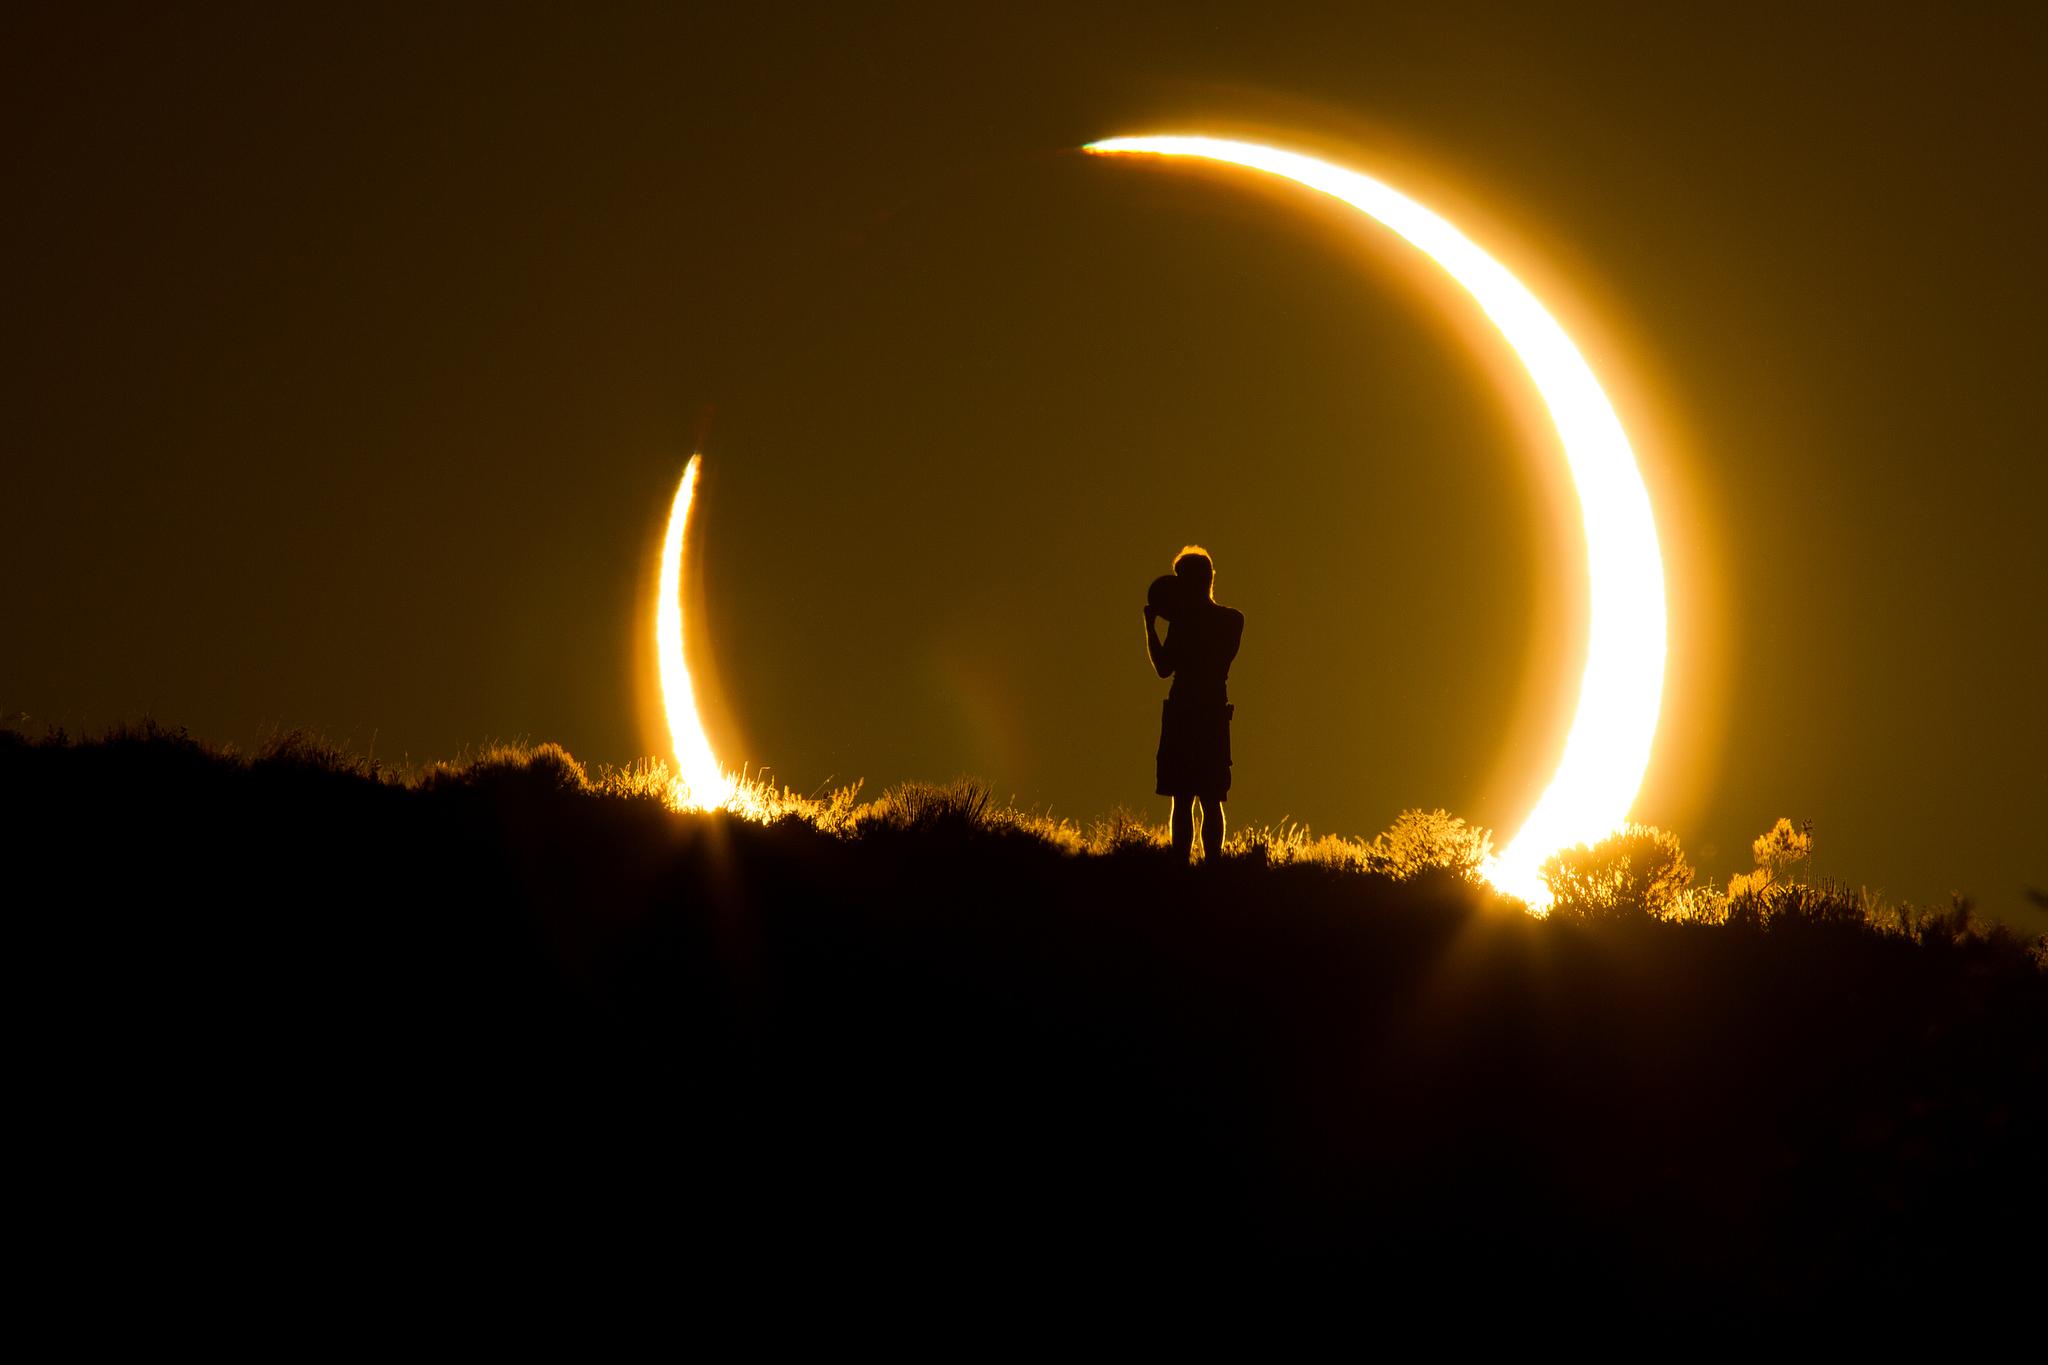 Слънчево затъмнение Пълното слънчево затъмнение: красота в природата и в науката А1 Блог